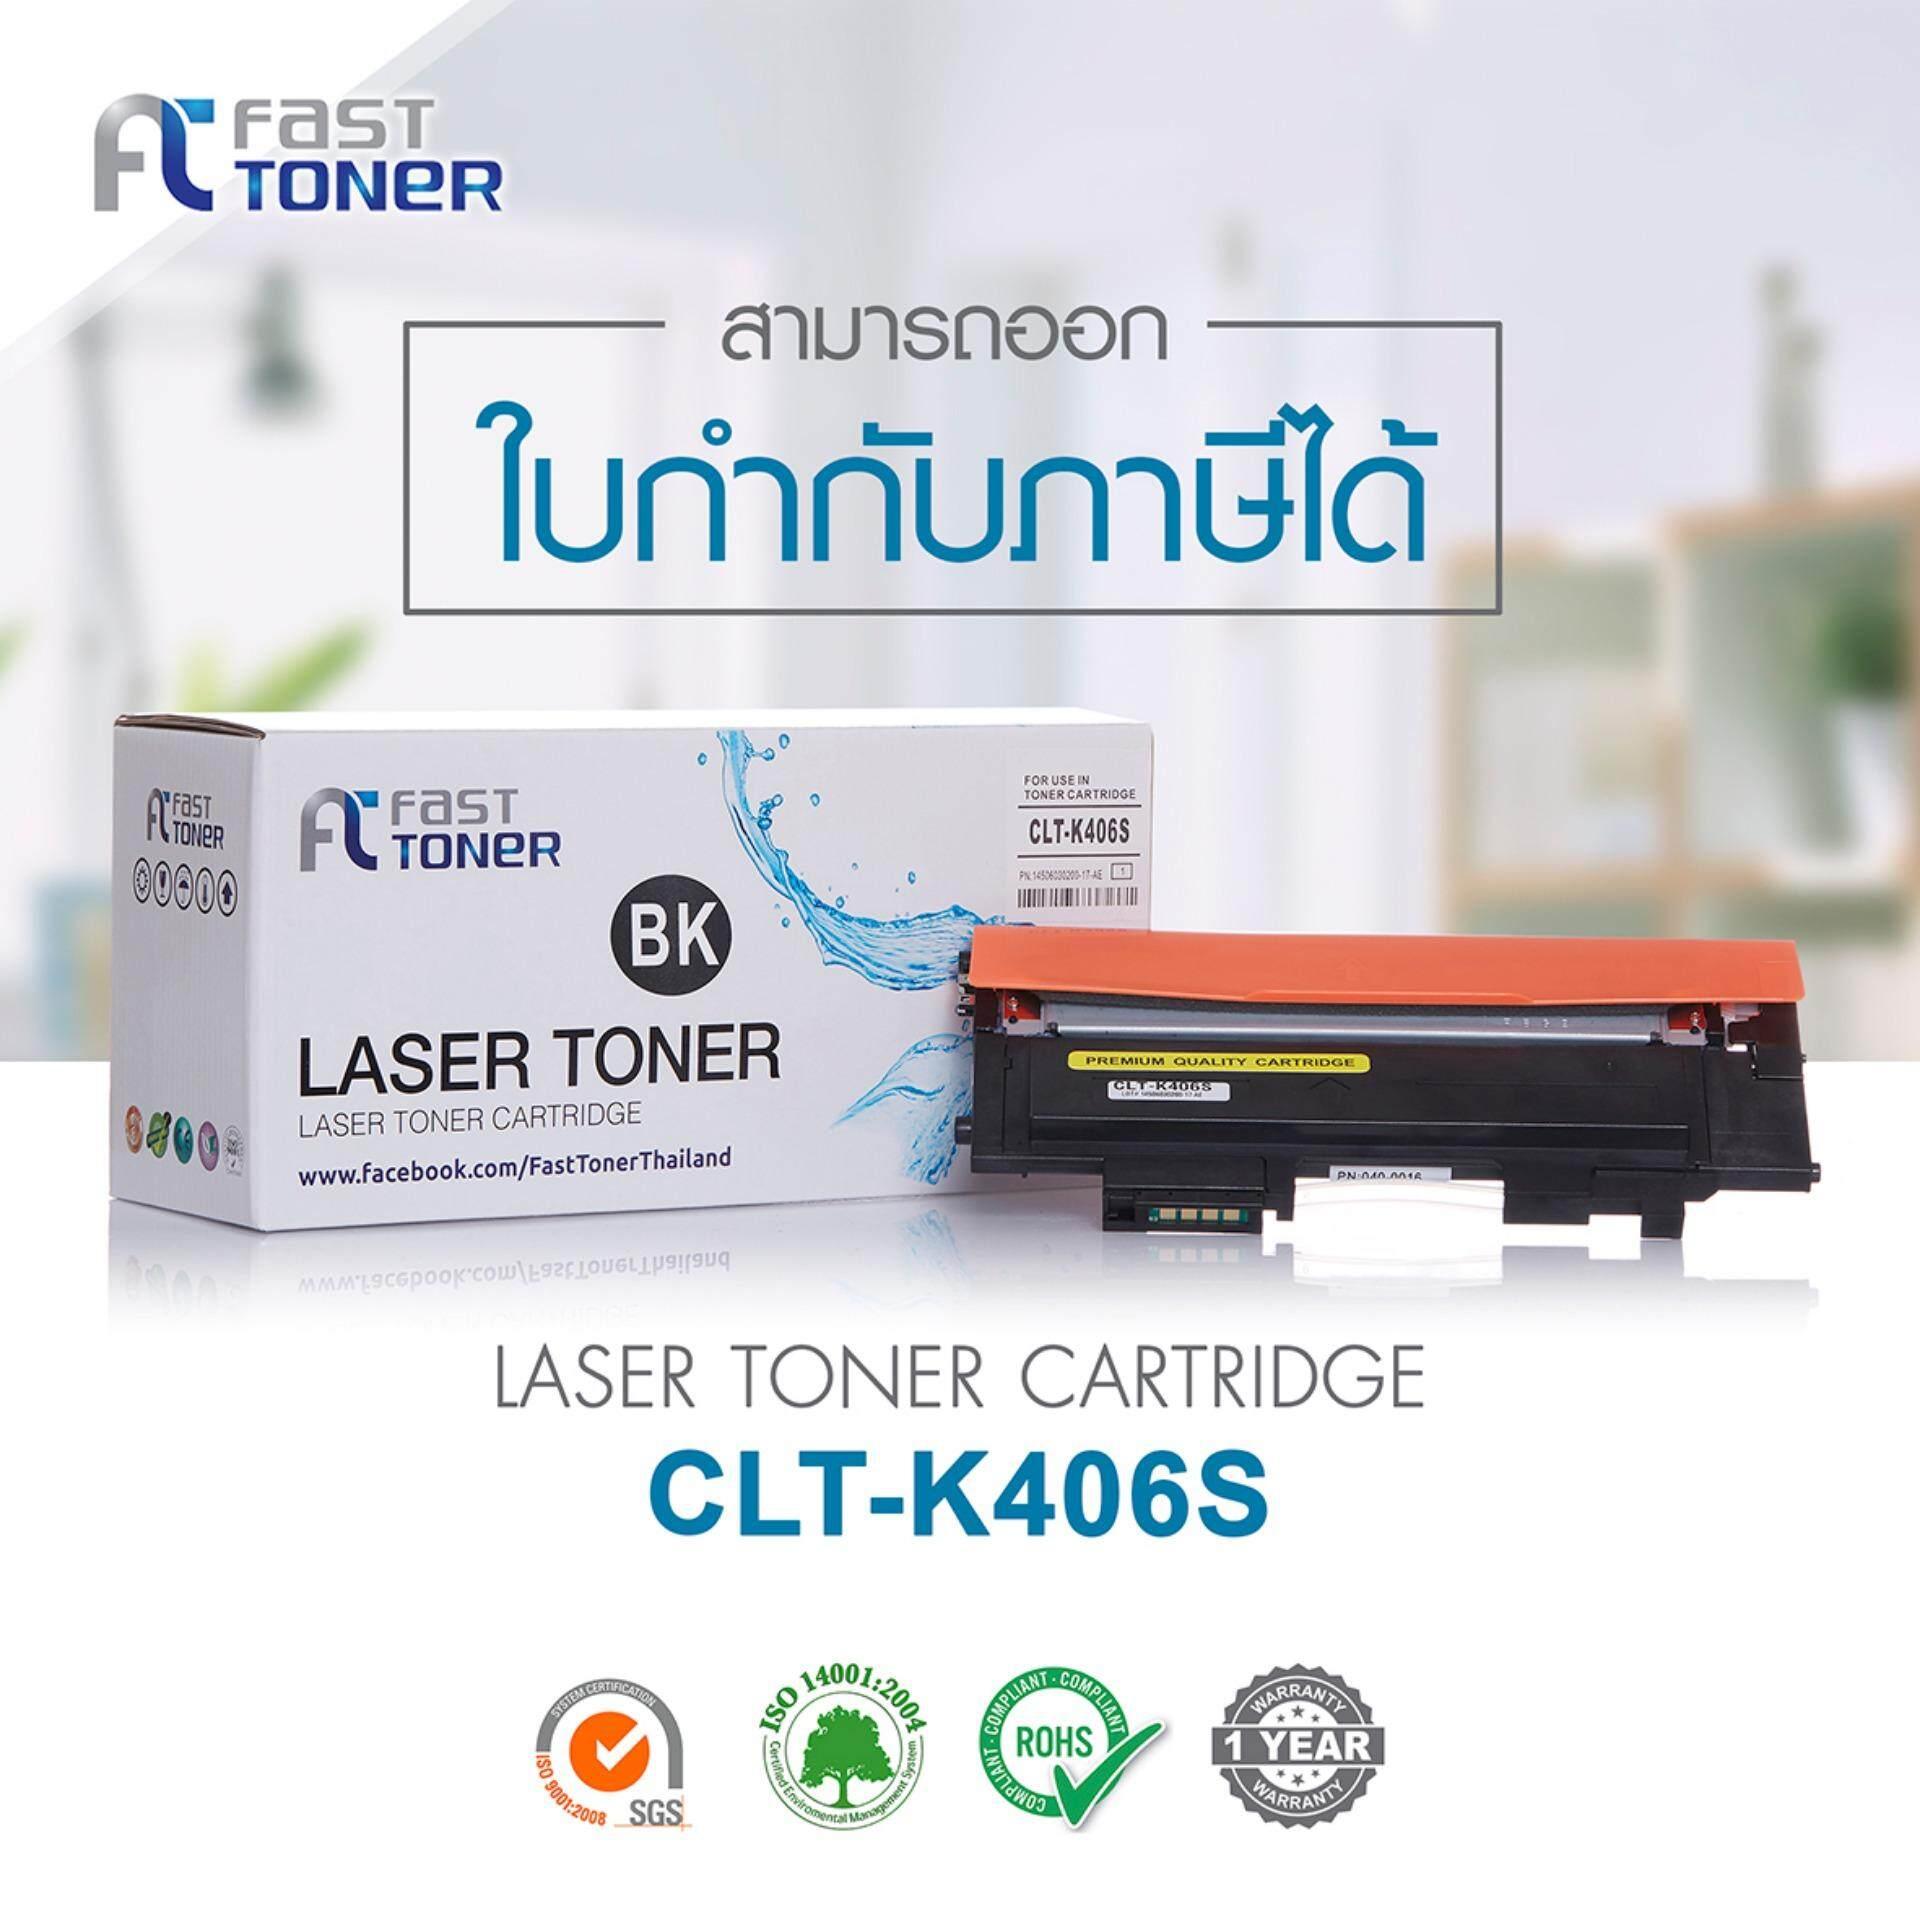 ซื้อ Fast Toner ตลับหมึกเลเซอร์ Samsung Clt K406S สีดำ For Printer Sumsung Xpress Sl C460 C410 Clp 365 W Clx 3305 W Fn Fw ใน กรุงเทพมหานคร